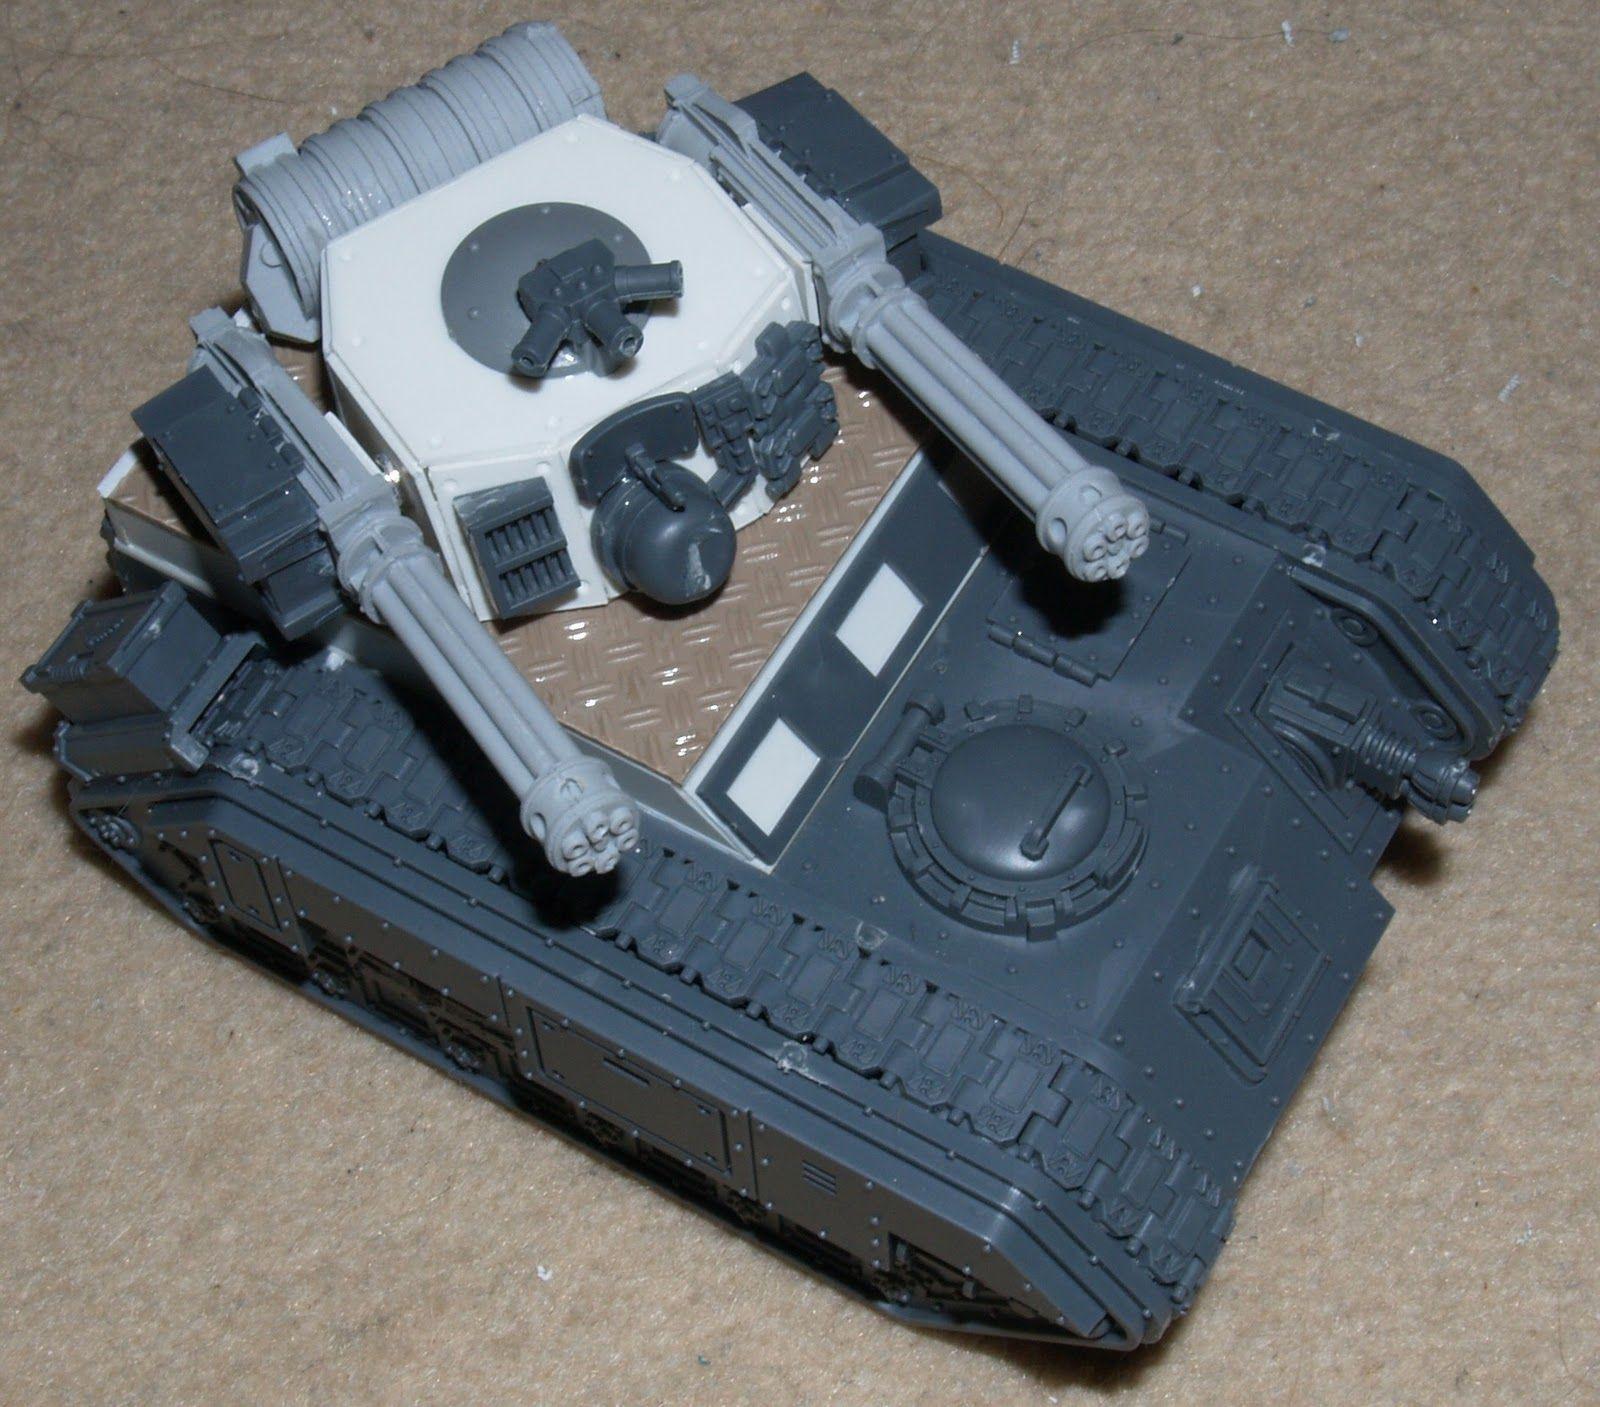 hydra flak tank conversion kit